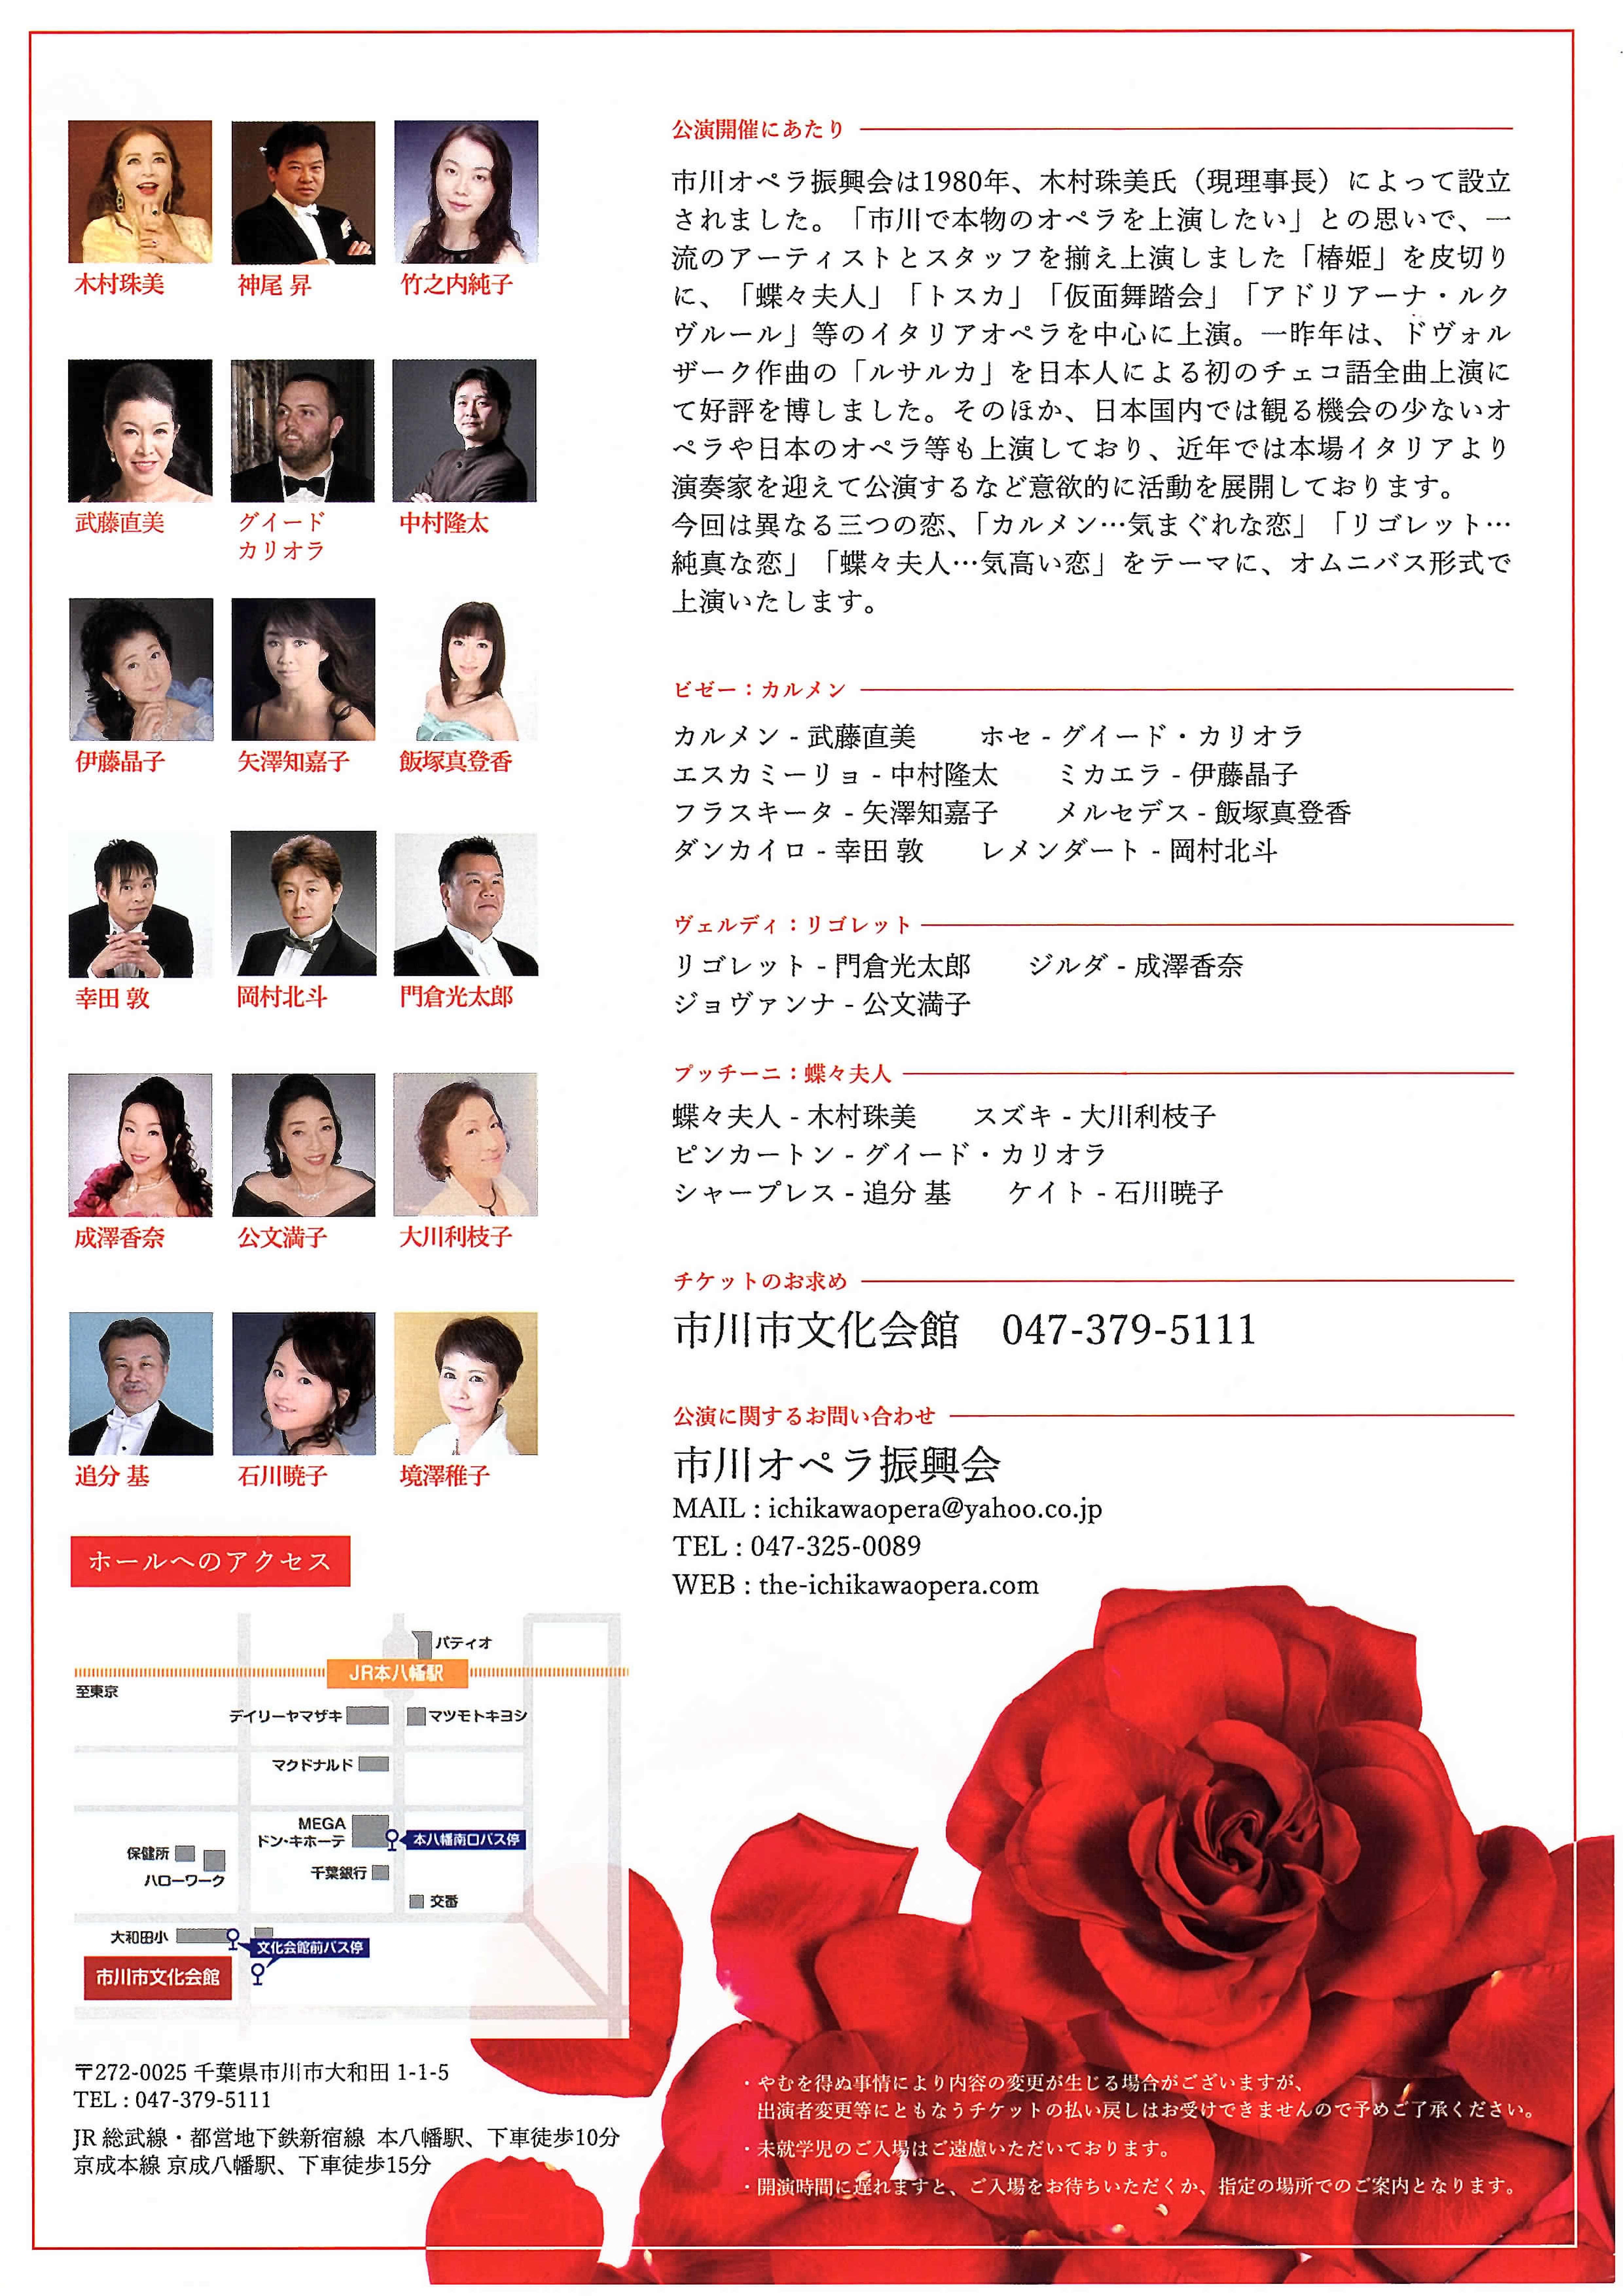 2018年9月30日(日) オペラ・オムニバス カルメン‐リゴレット-蝶々夫人 花と散った三つの恋